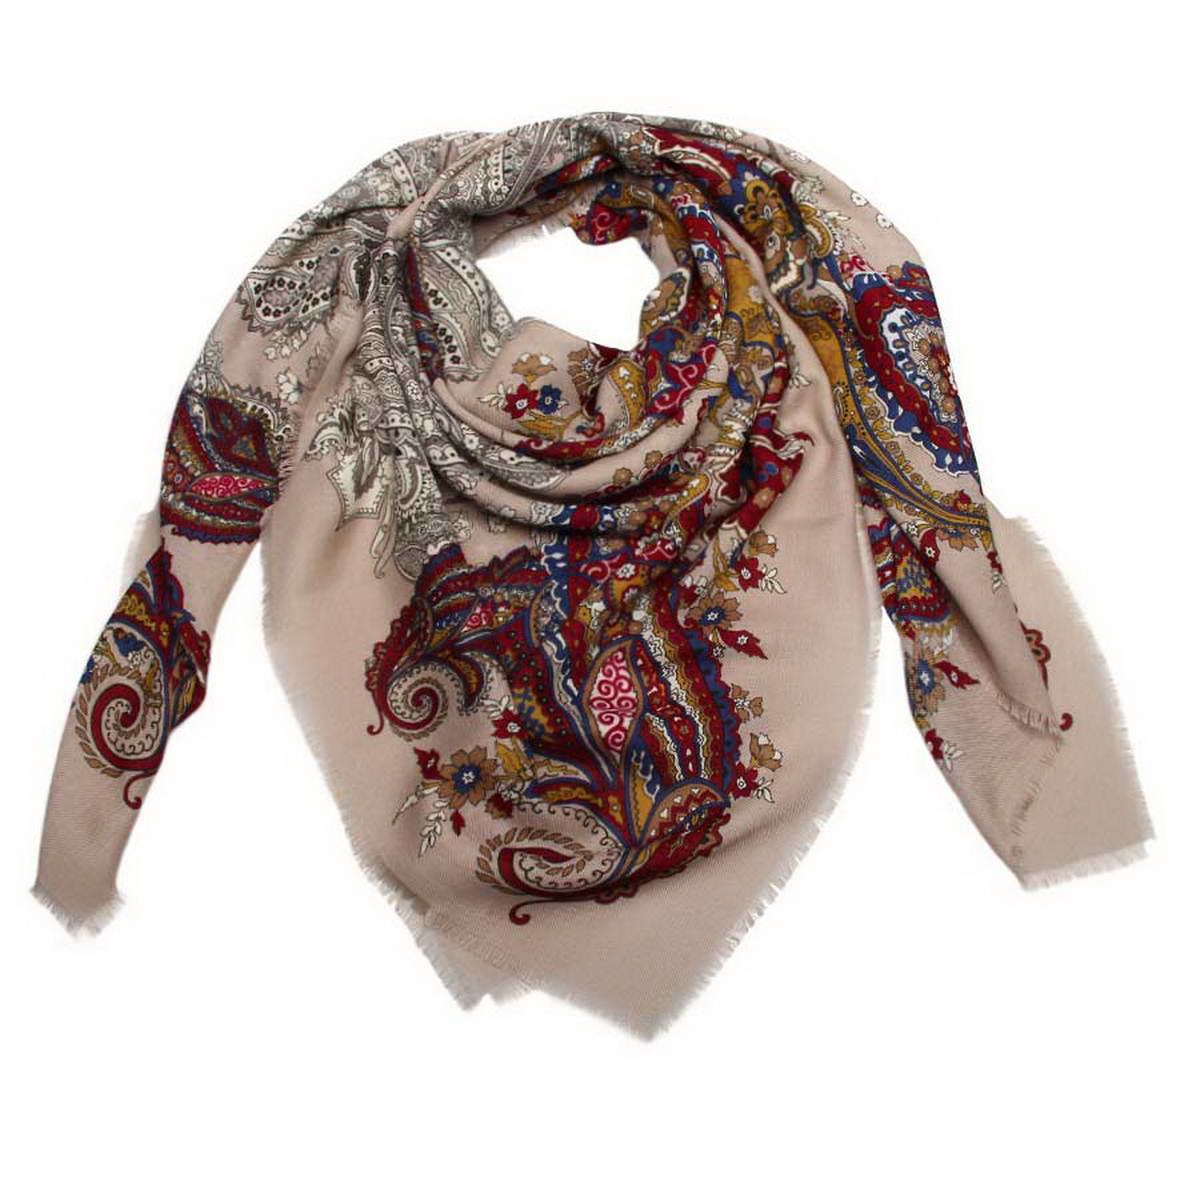 Платок женский Venera, цвет: бежевый, темно-синий, бордовый. 6000452-20. Размер 120 см х 120 см6000452-20Стильный женский платок Venera станет великолепным завершением любого наряда. Платок изготовлен из полиэстера и оформлен оригинальным принтом. Края изделия дополнены бахромой.Классическая квадратная форма позволяет носить платок на шее, украшать им прическу или декорировать сумочку. Легкий и приятный на ощупь платок поможет вам создать изысканный женственный образ. Такой платок превосходно дополнит любой наряд и подчеркнет ваш неповторимый вкус и элегантность.